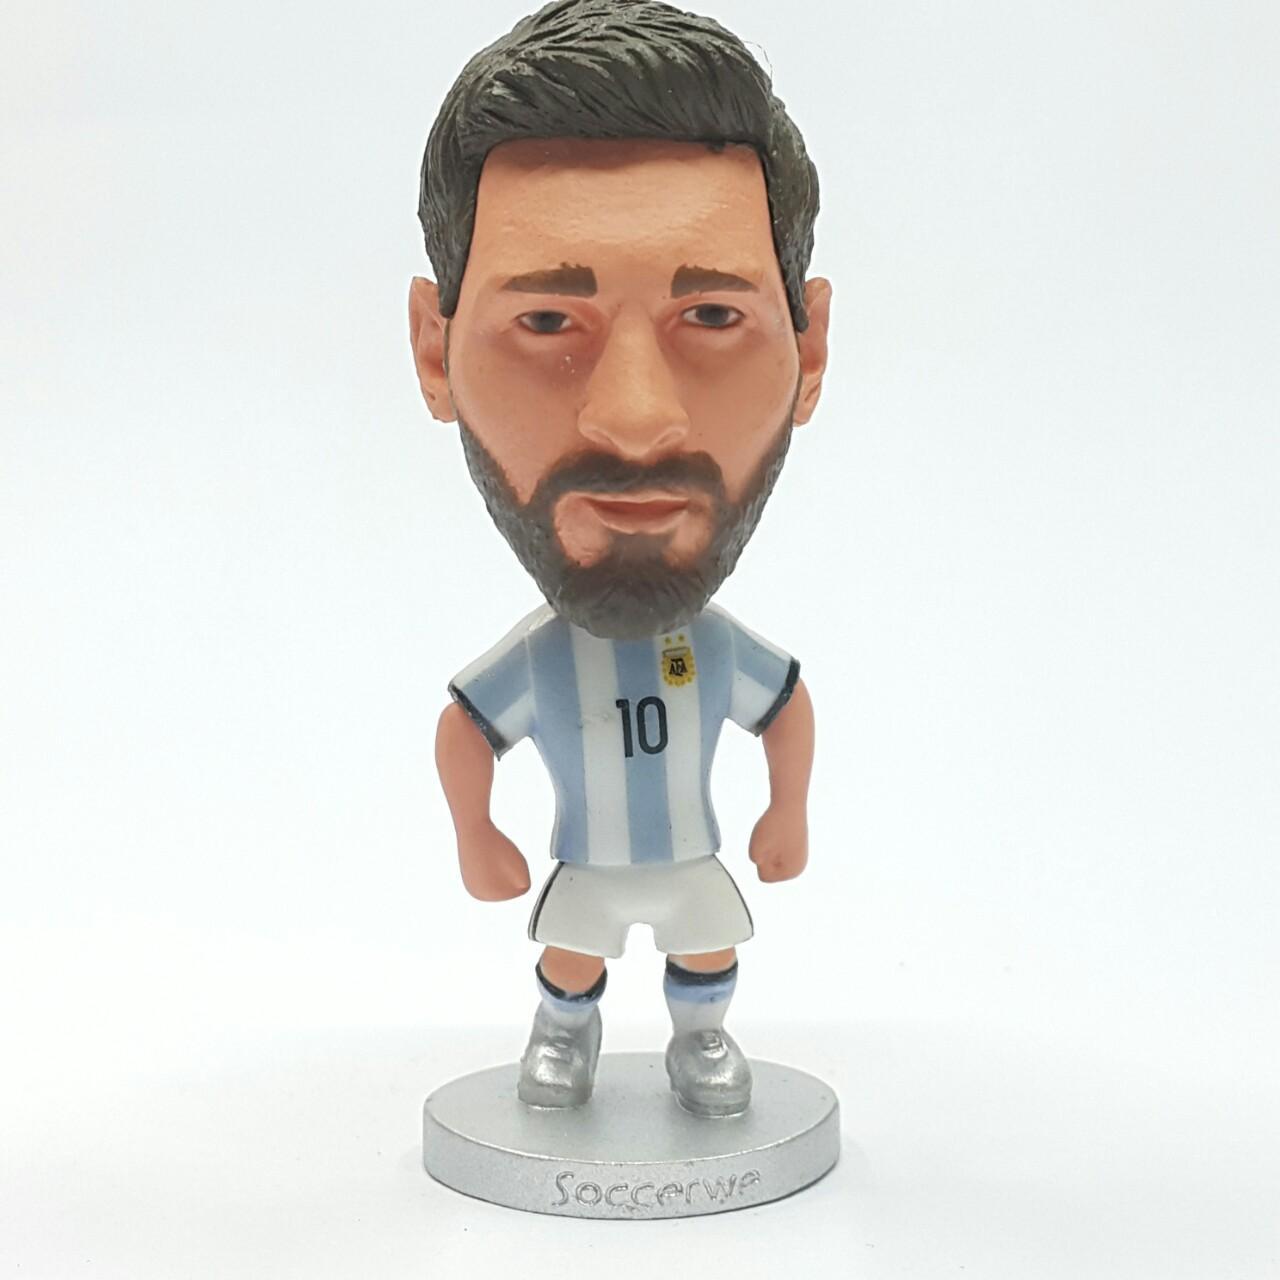 Hình ảnh Tượng cầu thủ bóng đá Lionel Messi - Argentina